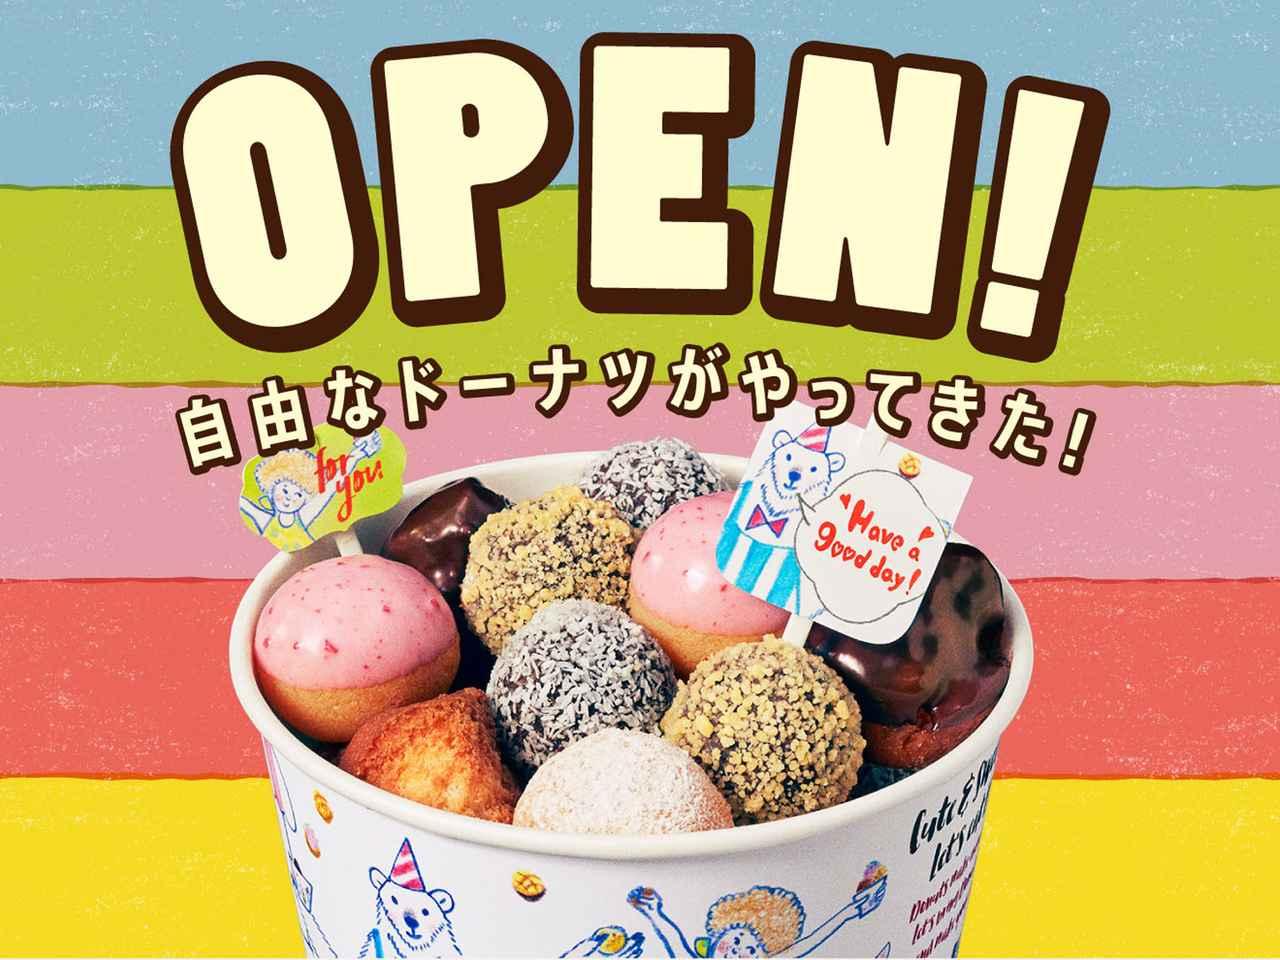 画像: ひと口サイズの人気ドーナツを自由に詰め合わせられる